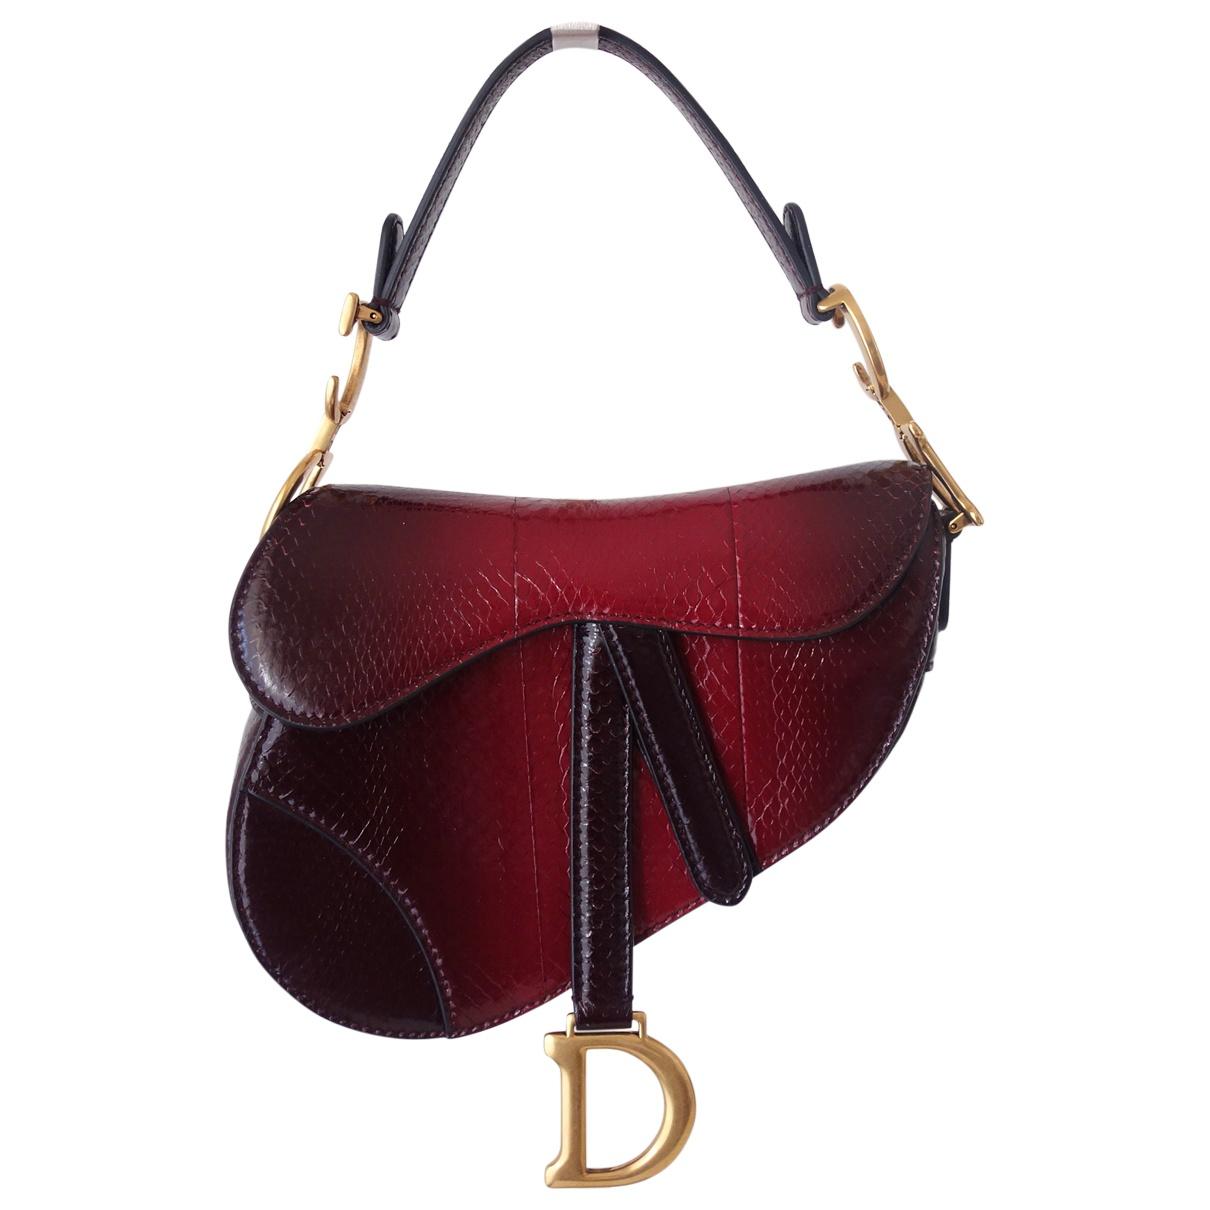 Dior - Sac a main Saddle pour femme en python - bordeaux